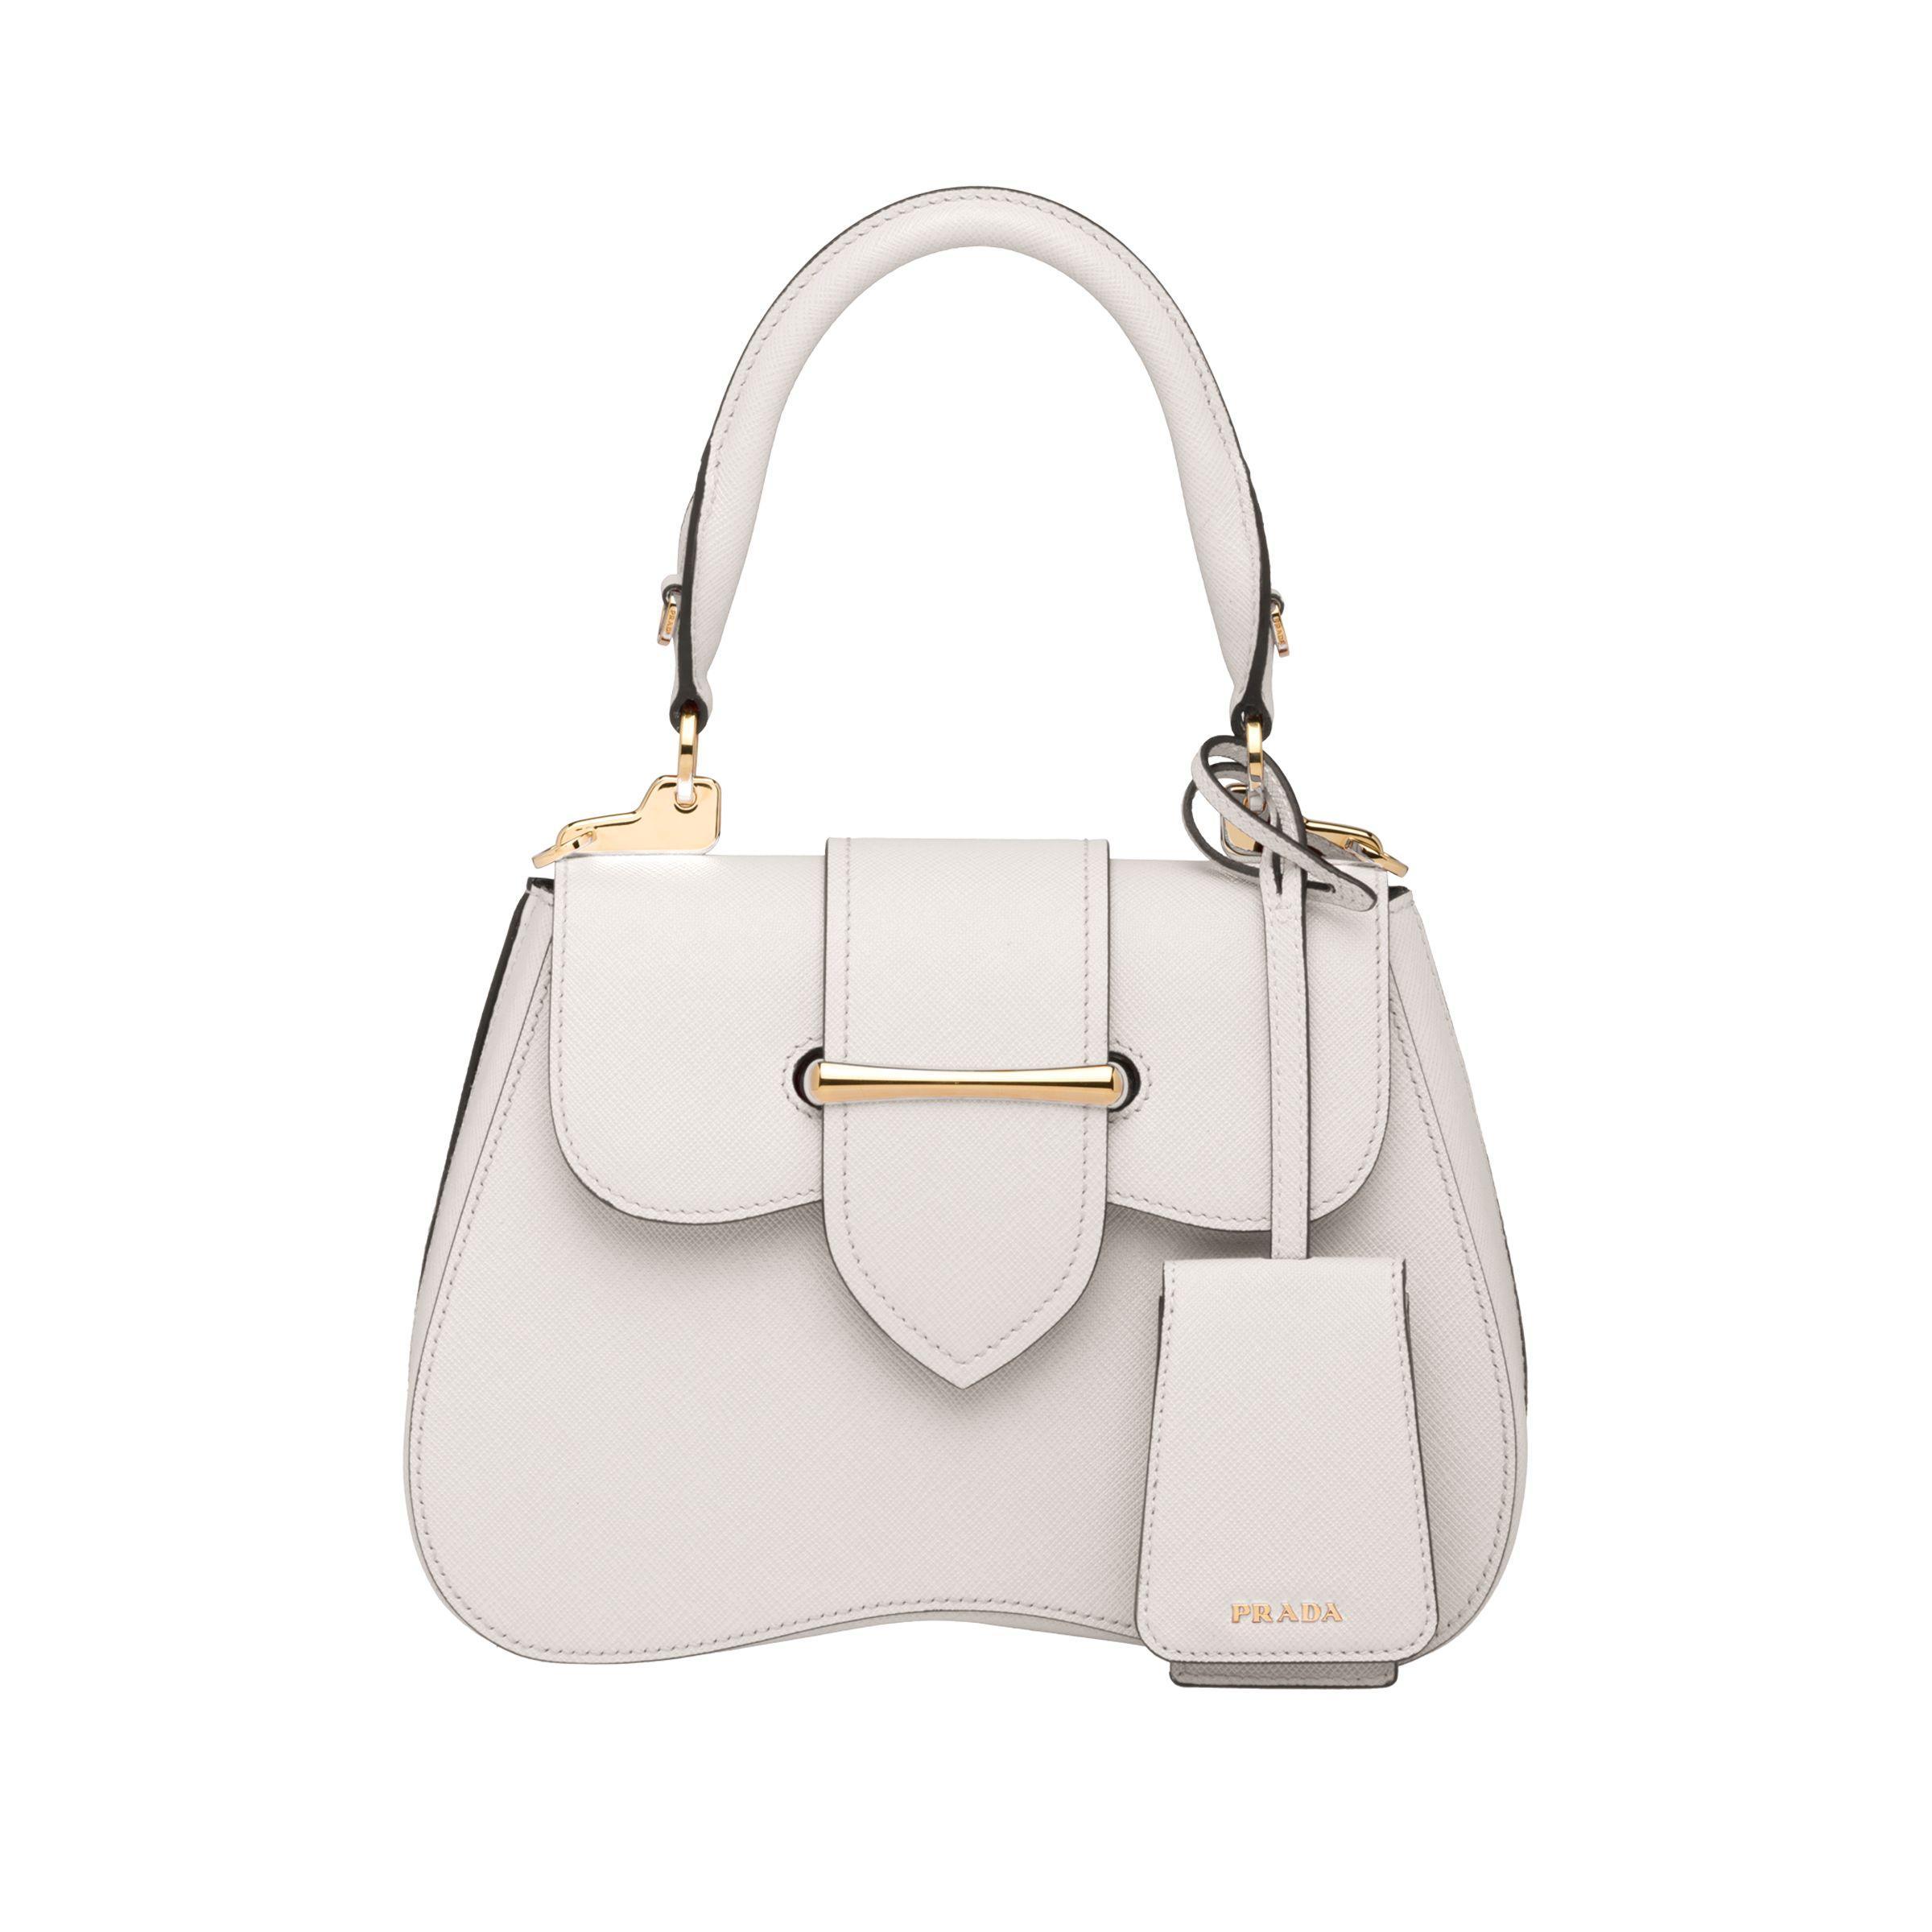 422b301599da Prada - Multicolor Sidonie Saffiano Leather Bag - Lyst. View fullscreen